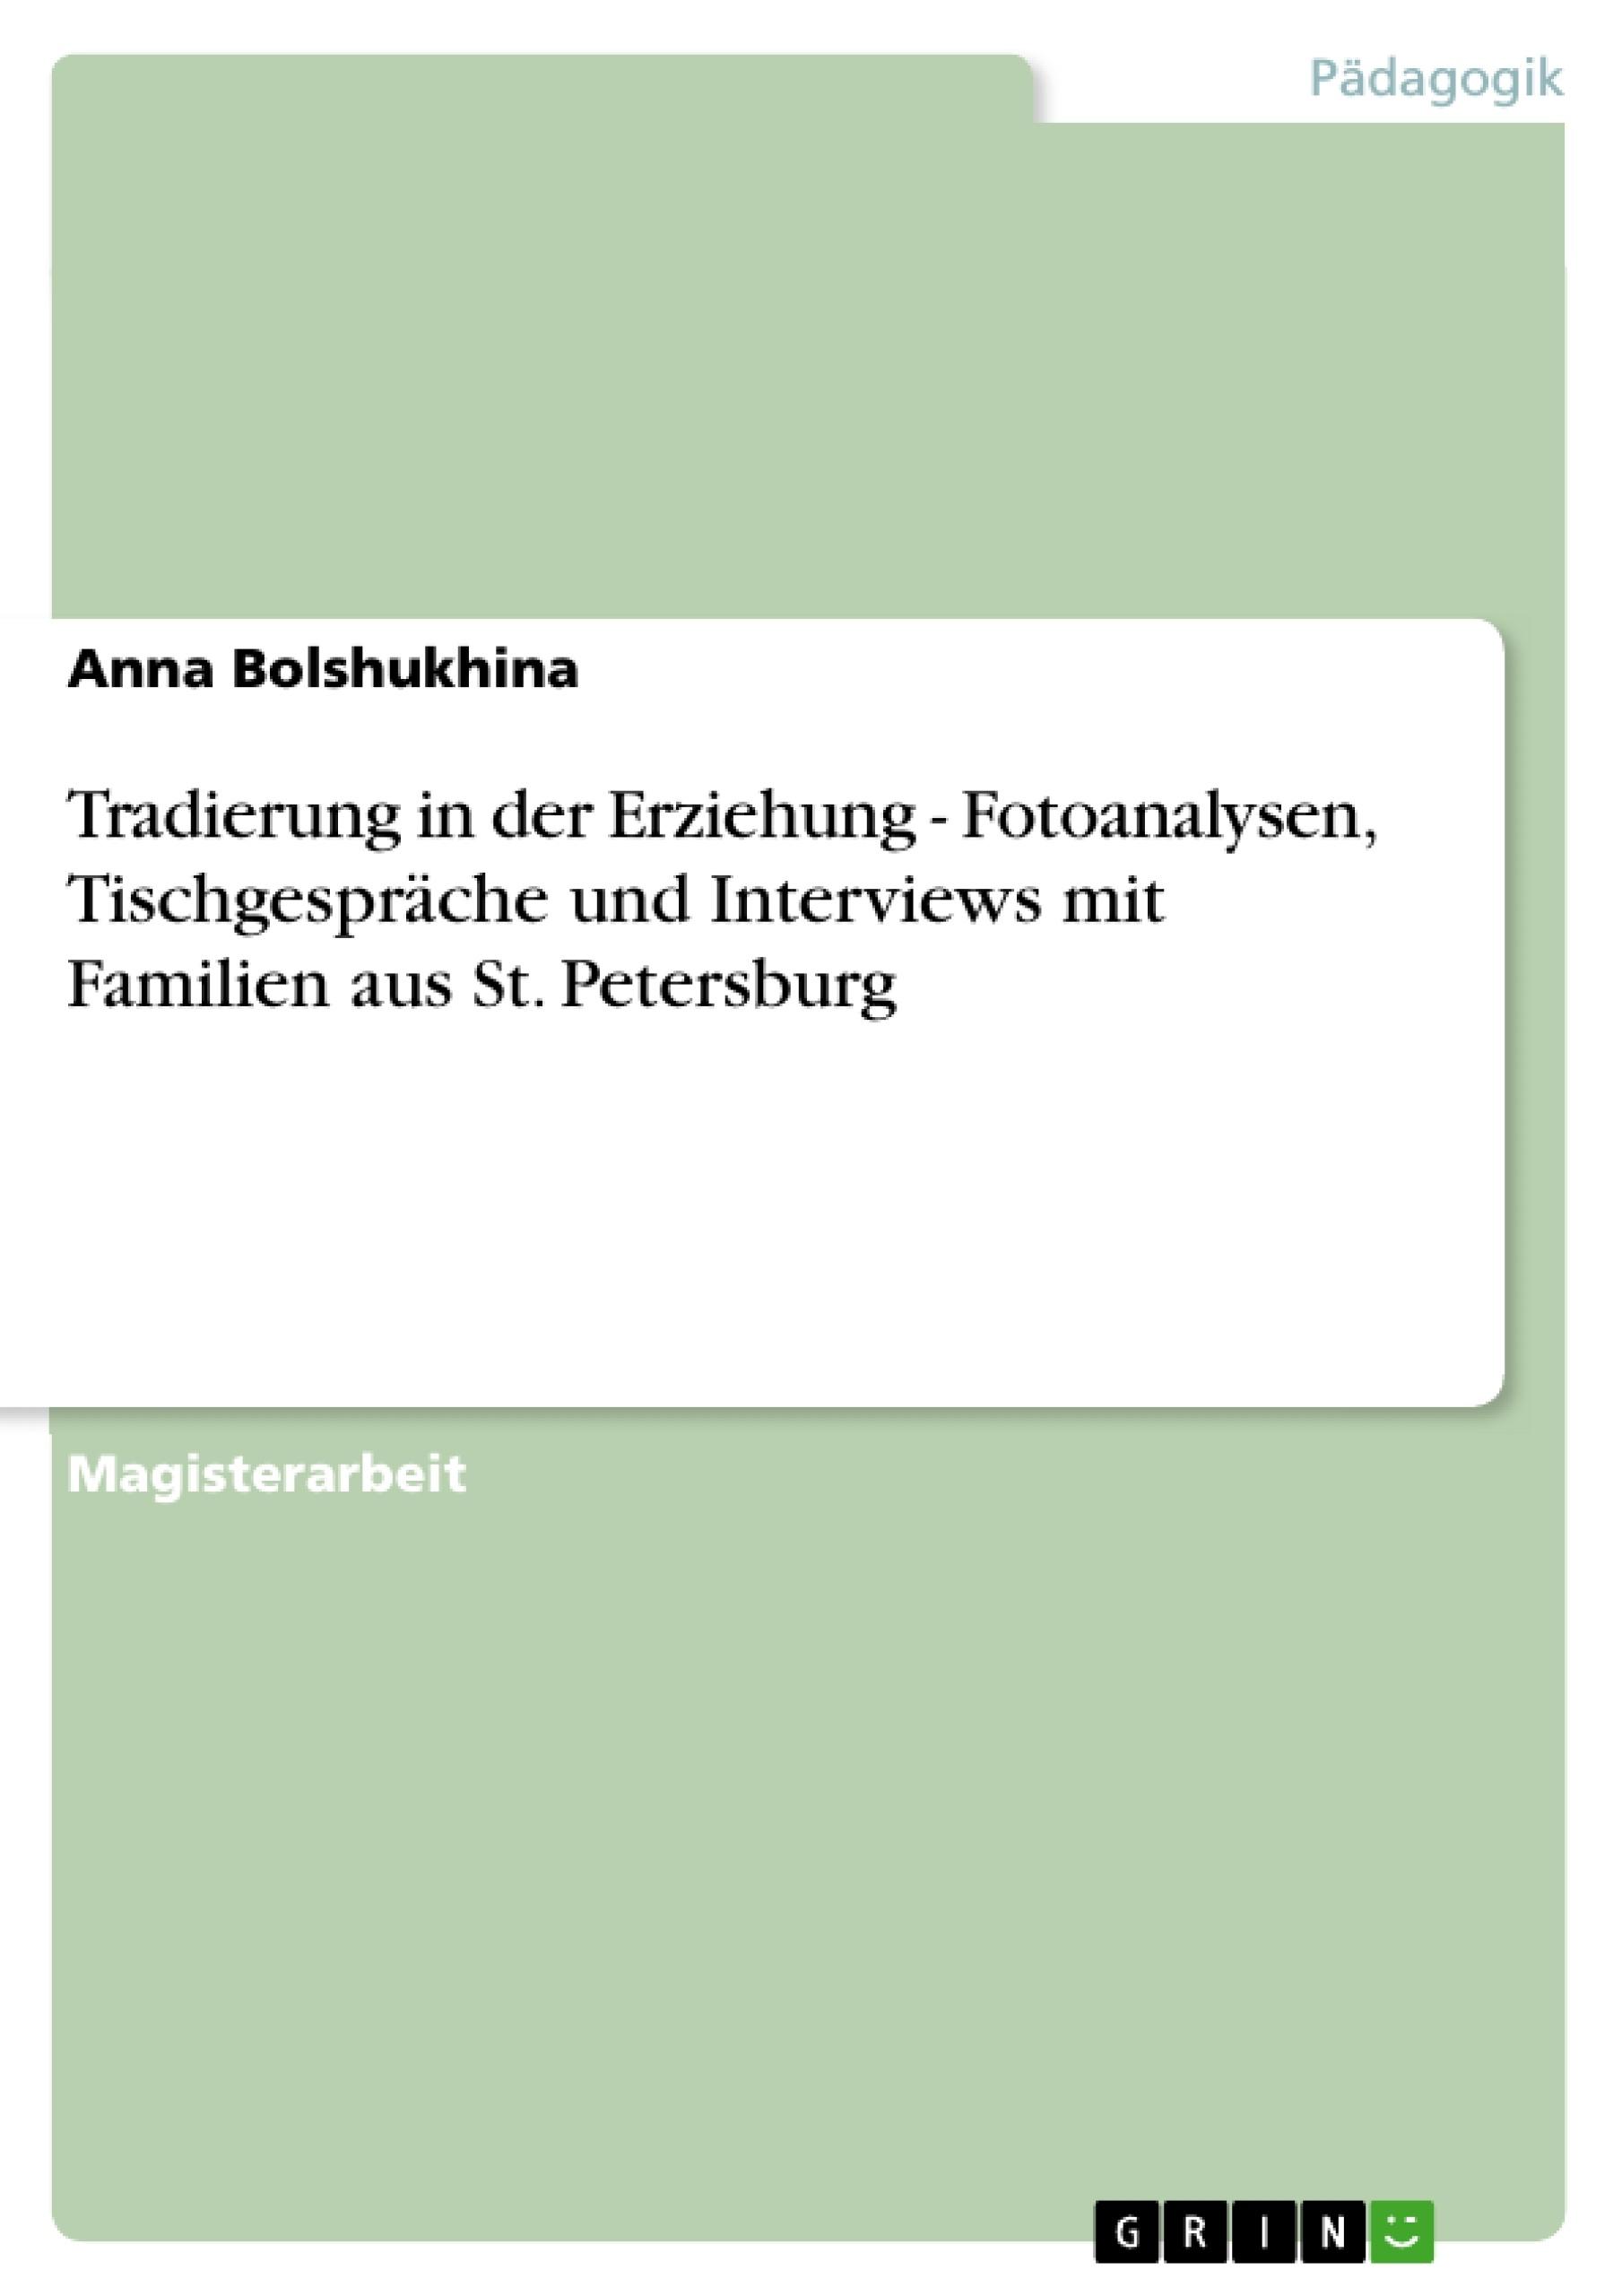 Titel: Tradierung in der Erziehung - Fotoanalysen, Tischgespräche und Interviews mit Familien aus St. Petersburg